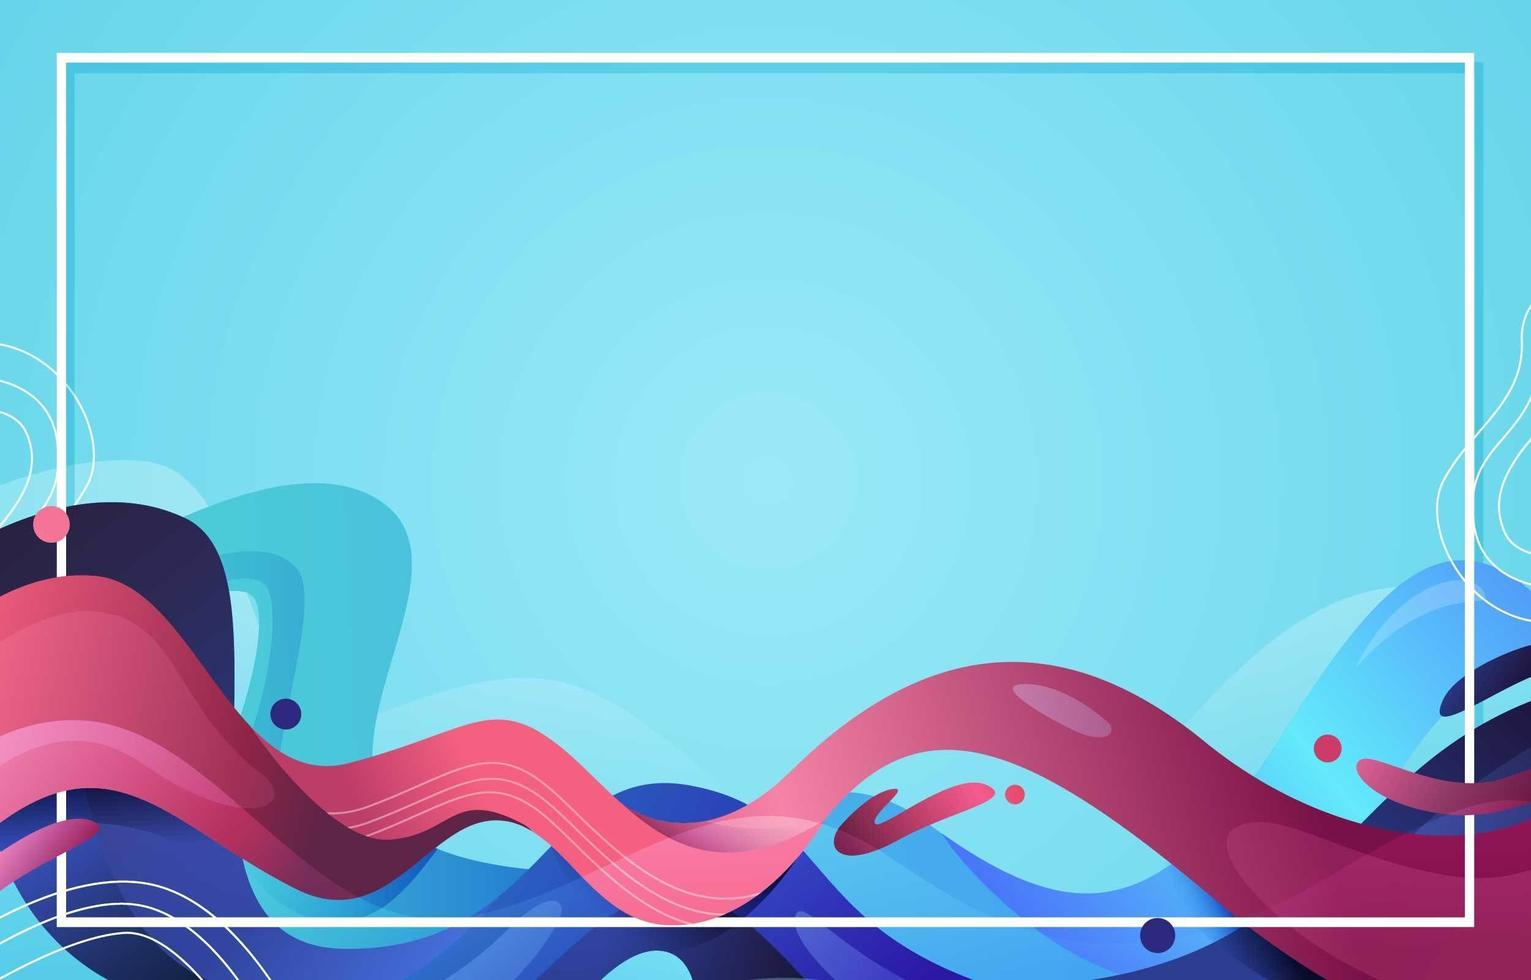 sfondo astratto liquido con tonalità rosa e blu vettore